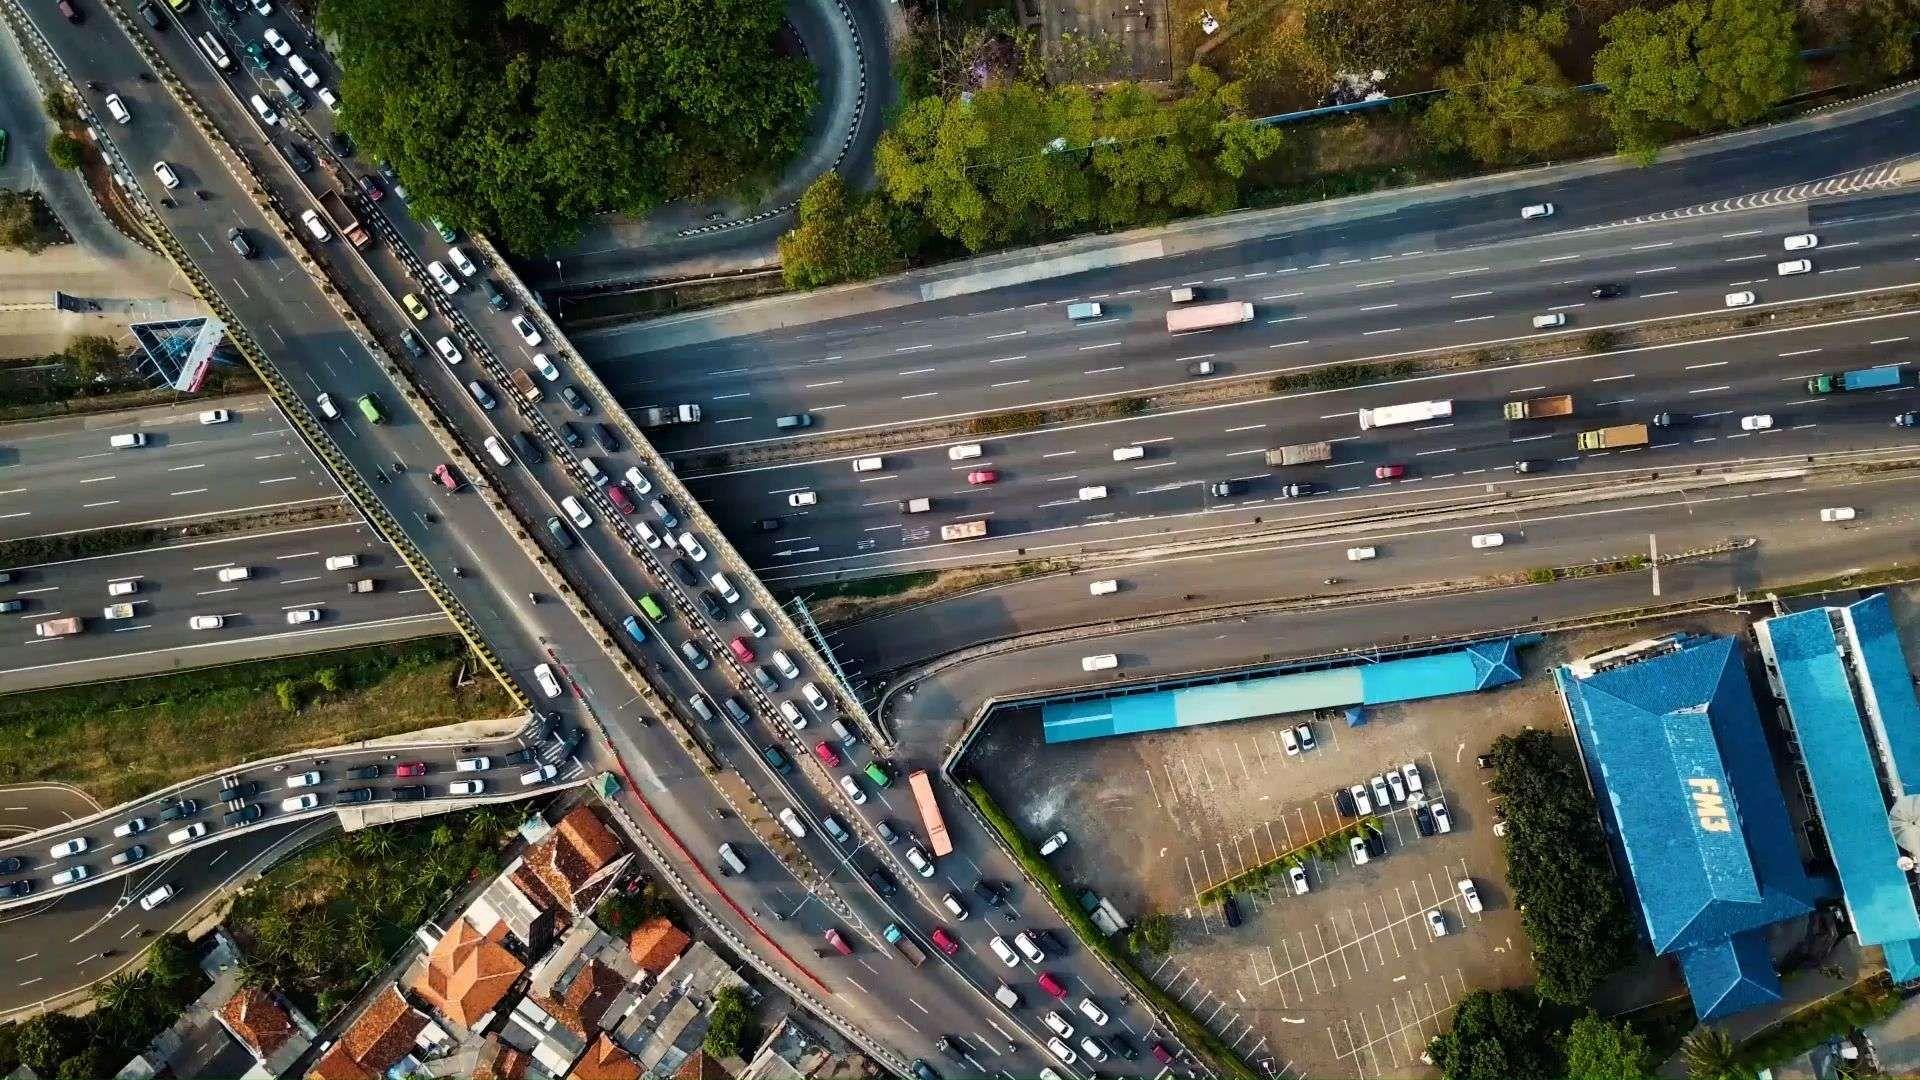 Ferienende und 900 Baustellen: ADAC warnt vor Staus auf Autobahnen